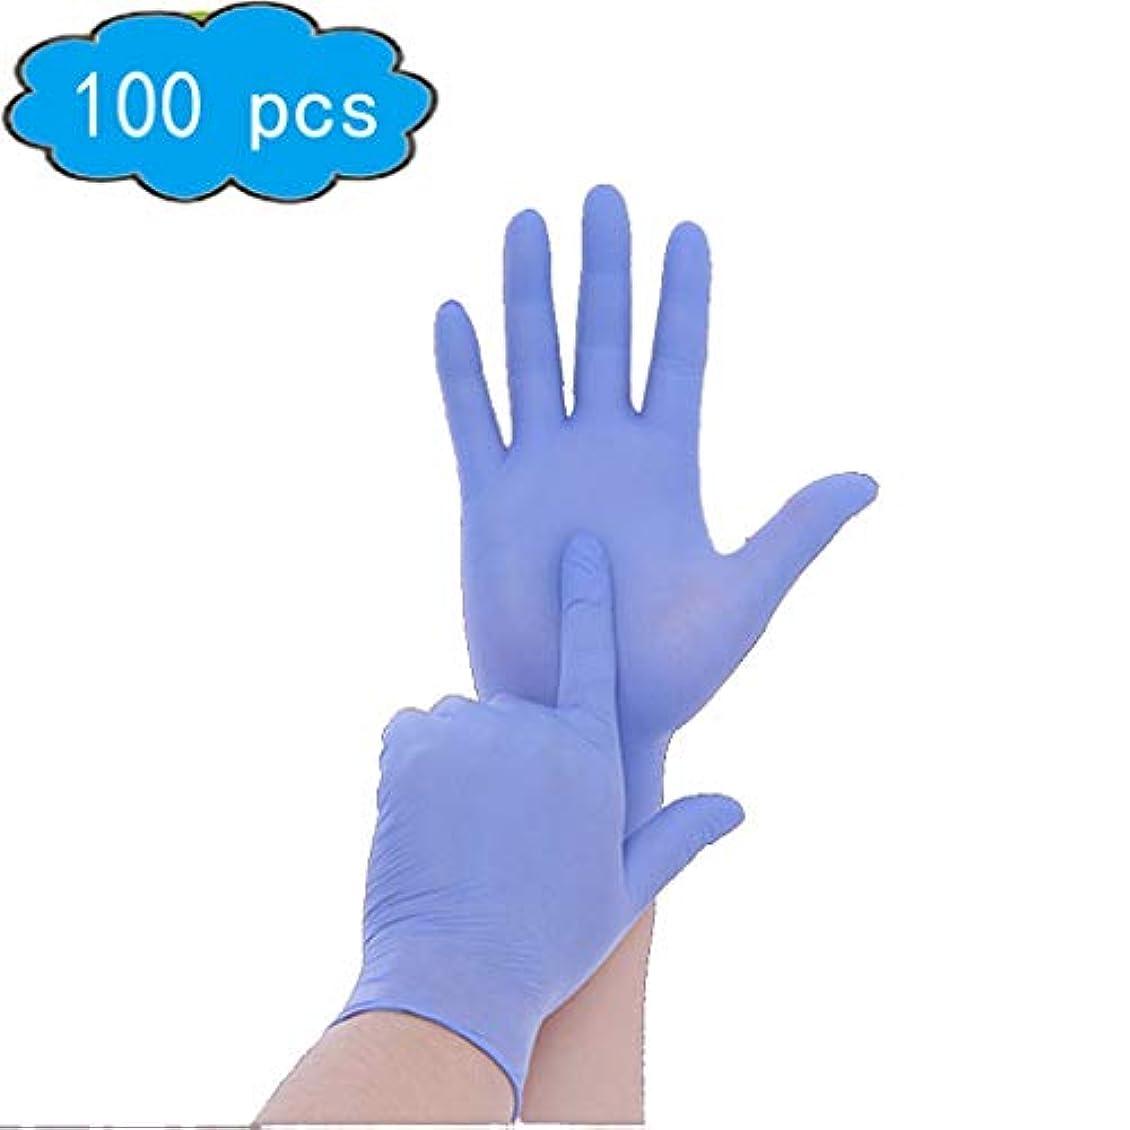 ニトリル試験用手袋-医療グレード、パウダーフリー、ラテックスゴムフリー、使い捨て、非滅菌、食品安全、テクスチャード加工、サニタリーグローブ、救急用品、(パック100)、手と腕の保護 (Color : Purple, Size...